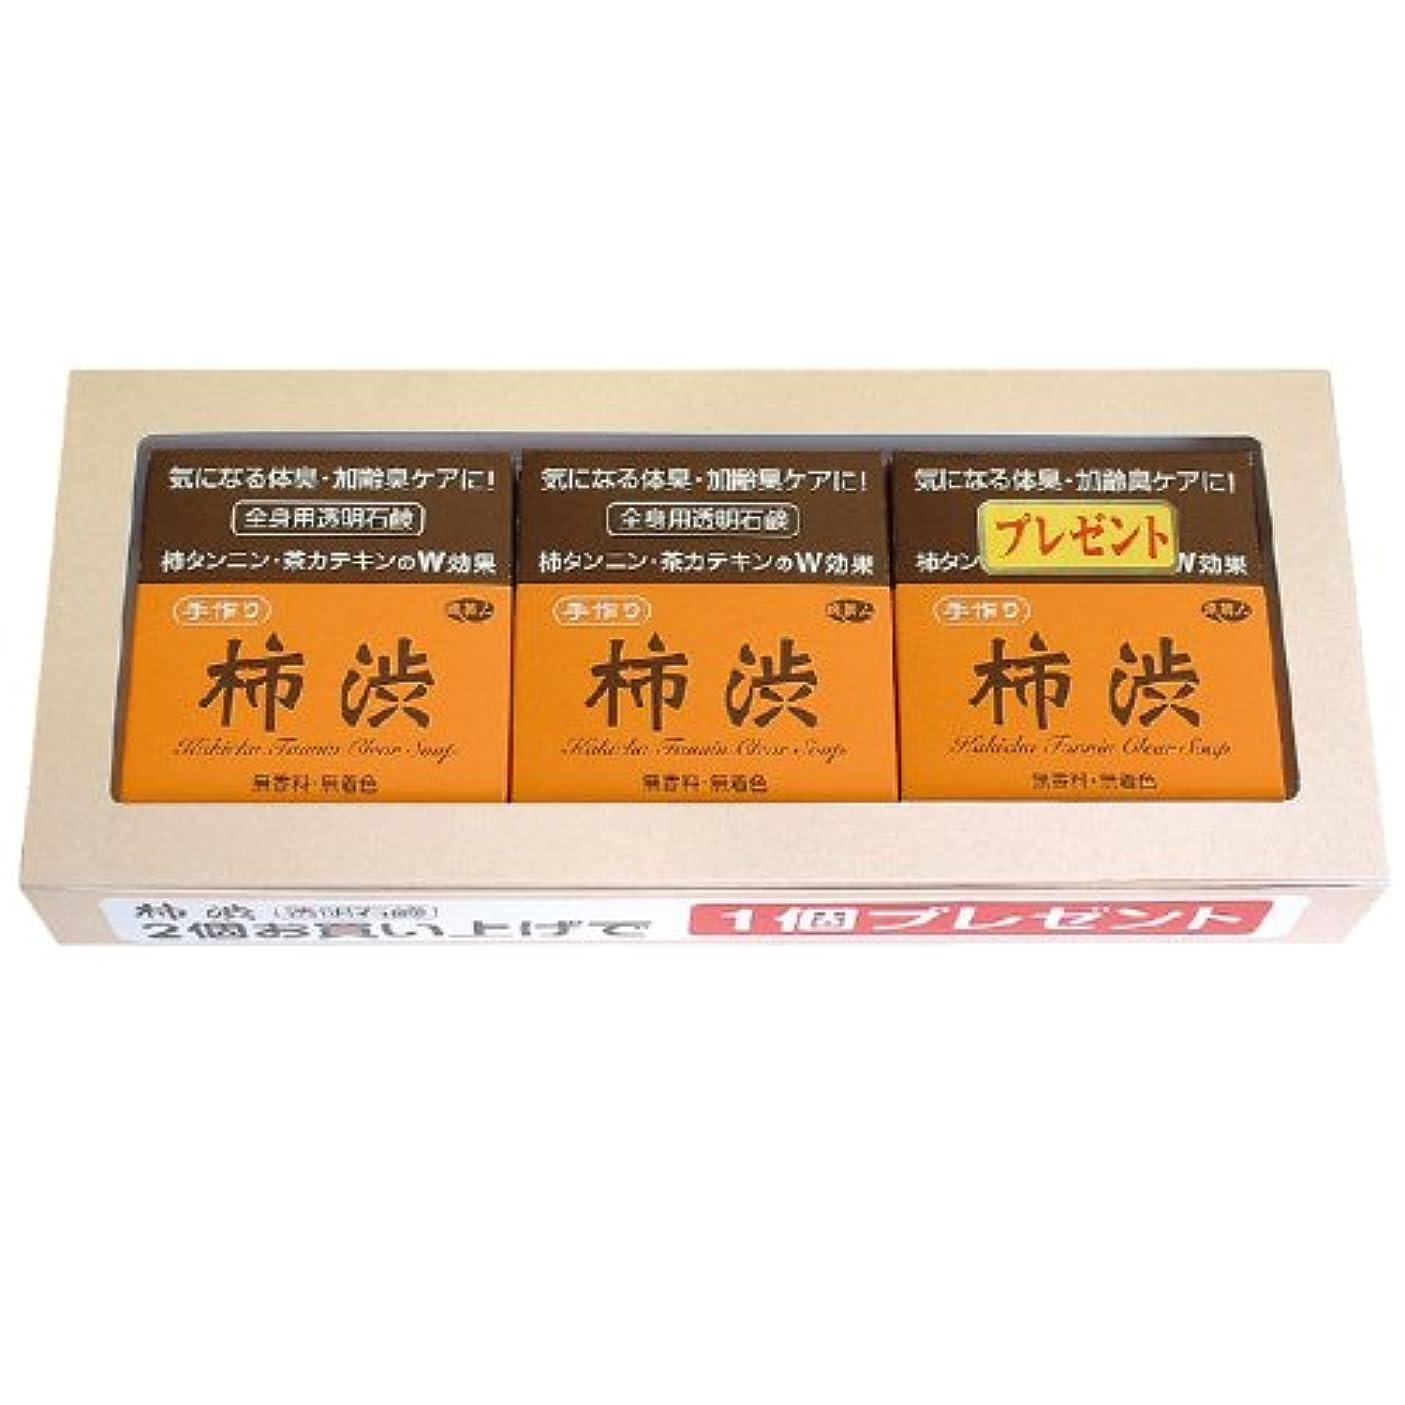 曖昧なうなずく発火するアズマ商事の 柿渋透明石鹸 2個の値段で3個入りセット